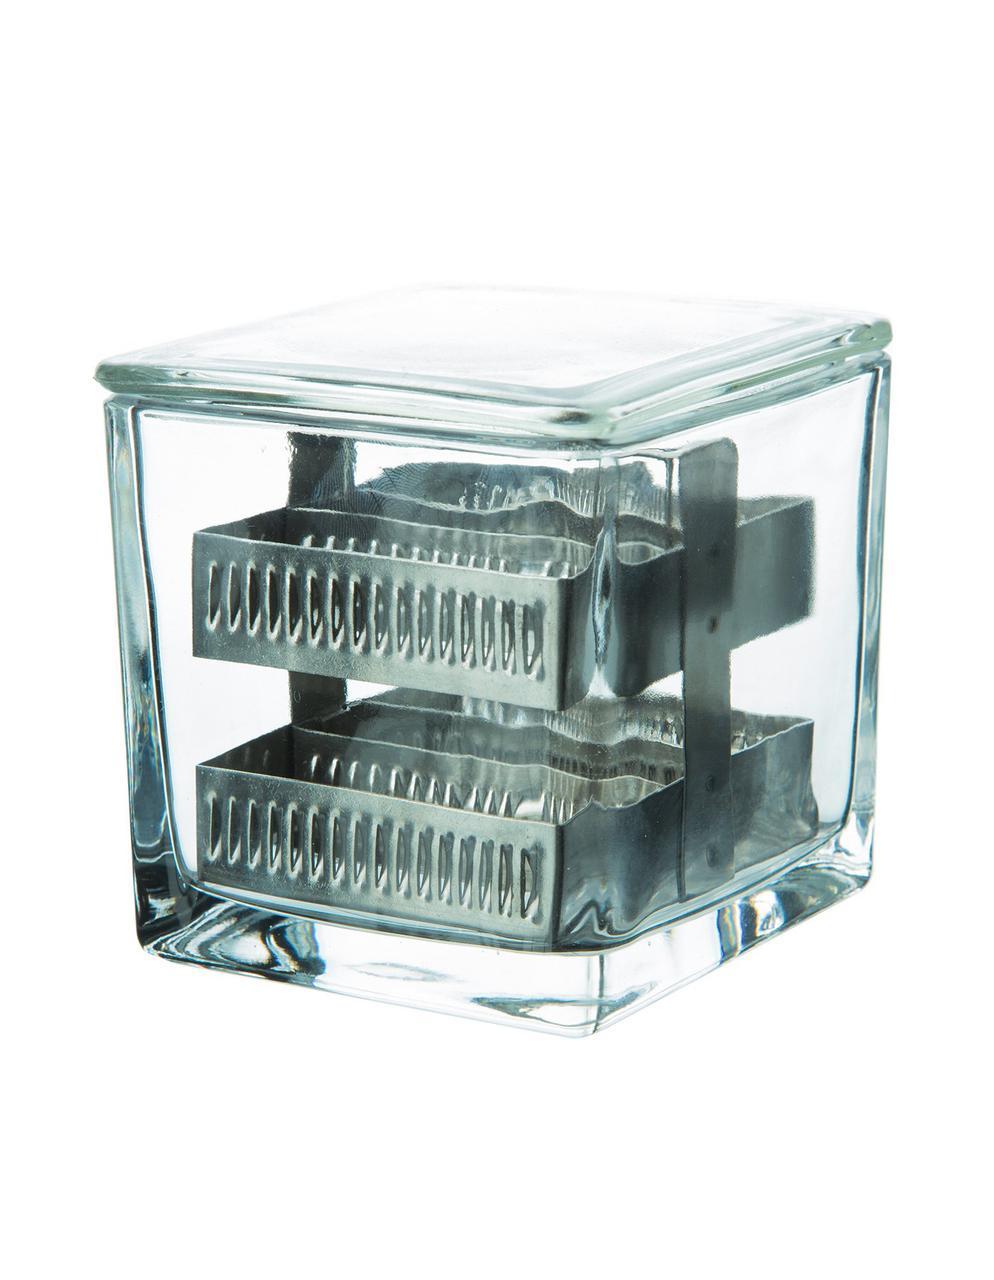 Емкость для окраски препартов стеклянная   85*80*40 мм,  на 20 стекол 12001404